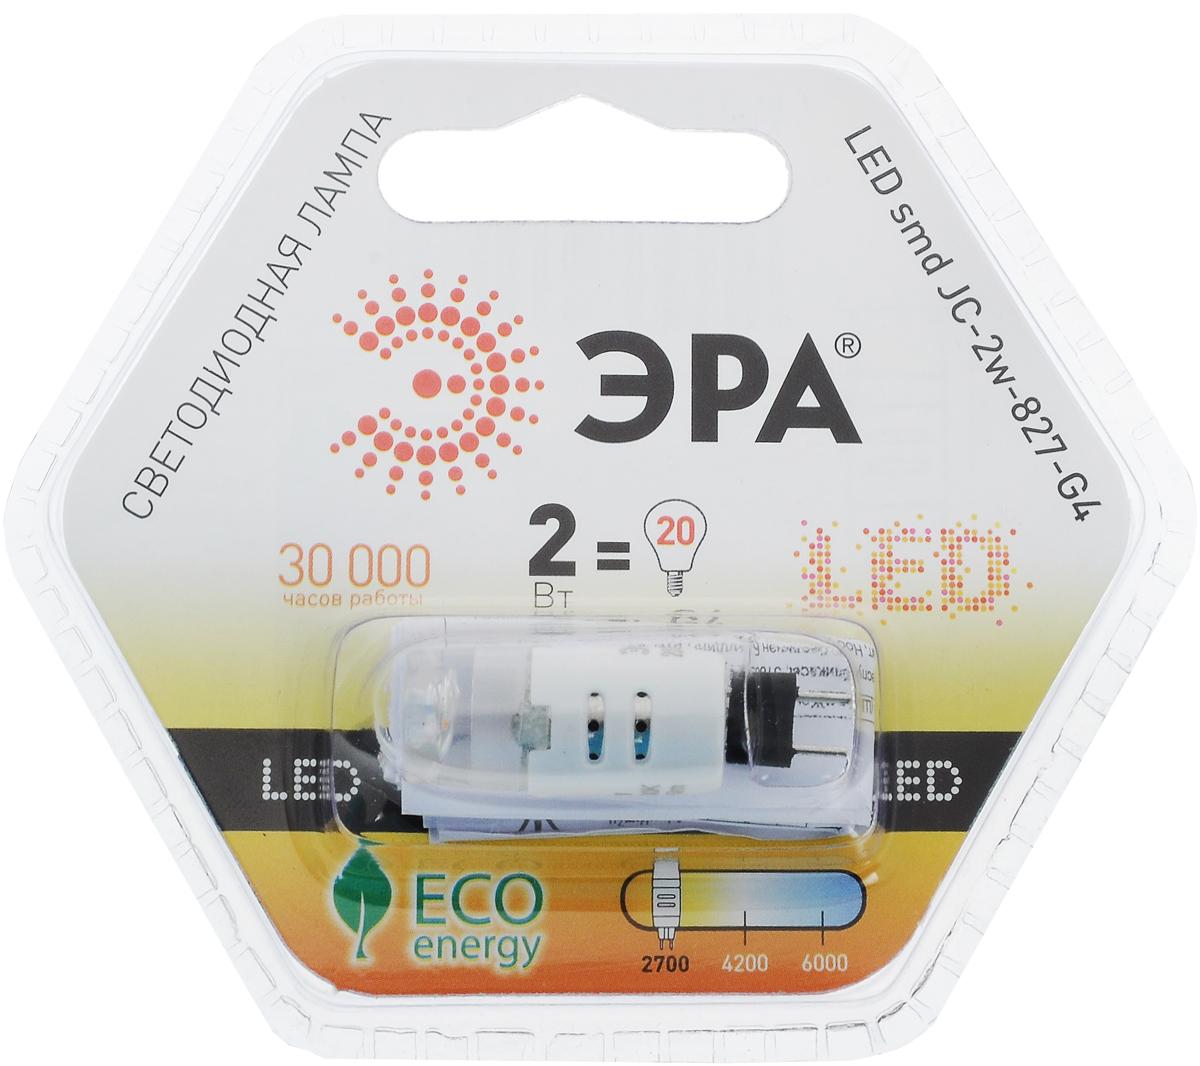 Лампа светодиодная ЭРА, цоколь G4, 12V, 2W, 2700КK100Светодиодная лампа ЭРА - энергосберегающая лампа общего и декоративного освещения. Колба лампы выполнена в форме капсулы. Лампа G4 повторяет форму и размеры стандартных галогенных капсульных ламп и идеально подходит к любому светильнику, в котором используются данные типы ламп. Сочетает в себе компактный размер и особую яркость. В светодиодных лампах серий G4 применяются высокоэффективные светодиоды, что обеспечивает высокую надежность и эффективность источников света.Индекс цветопередачи: RA>80. Напряжение: 12 В.